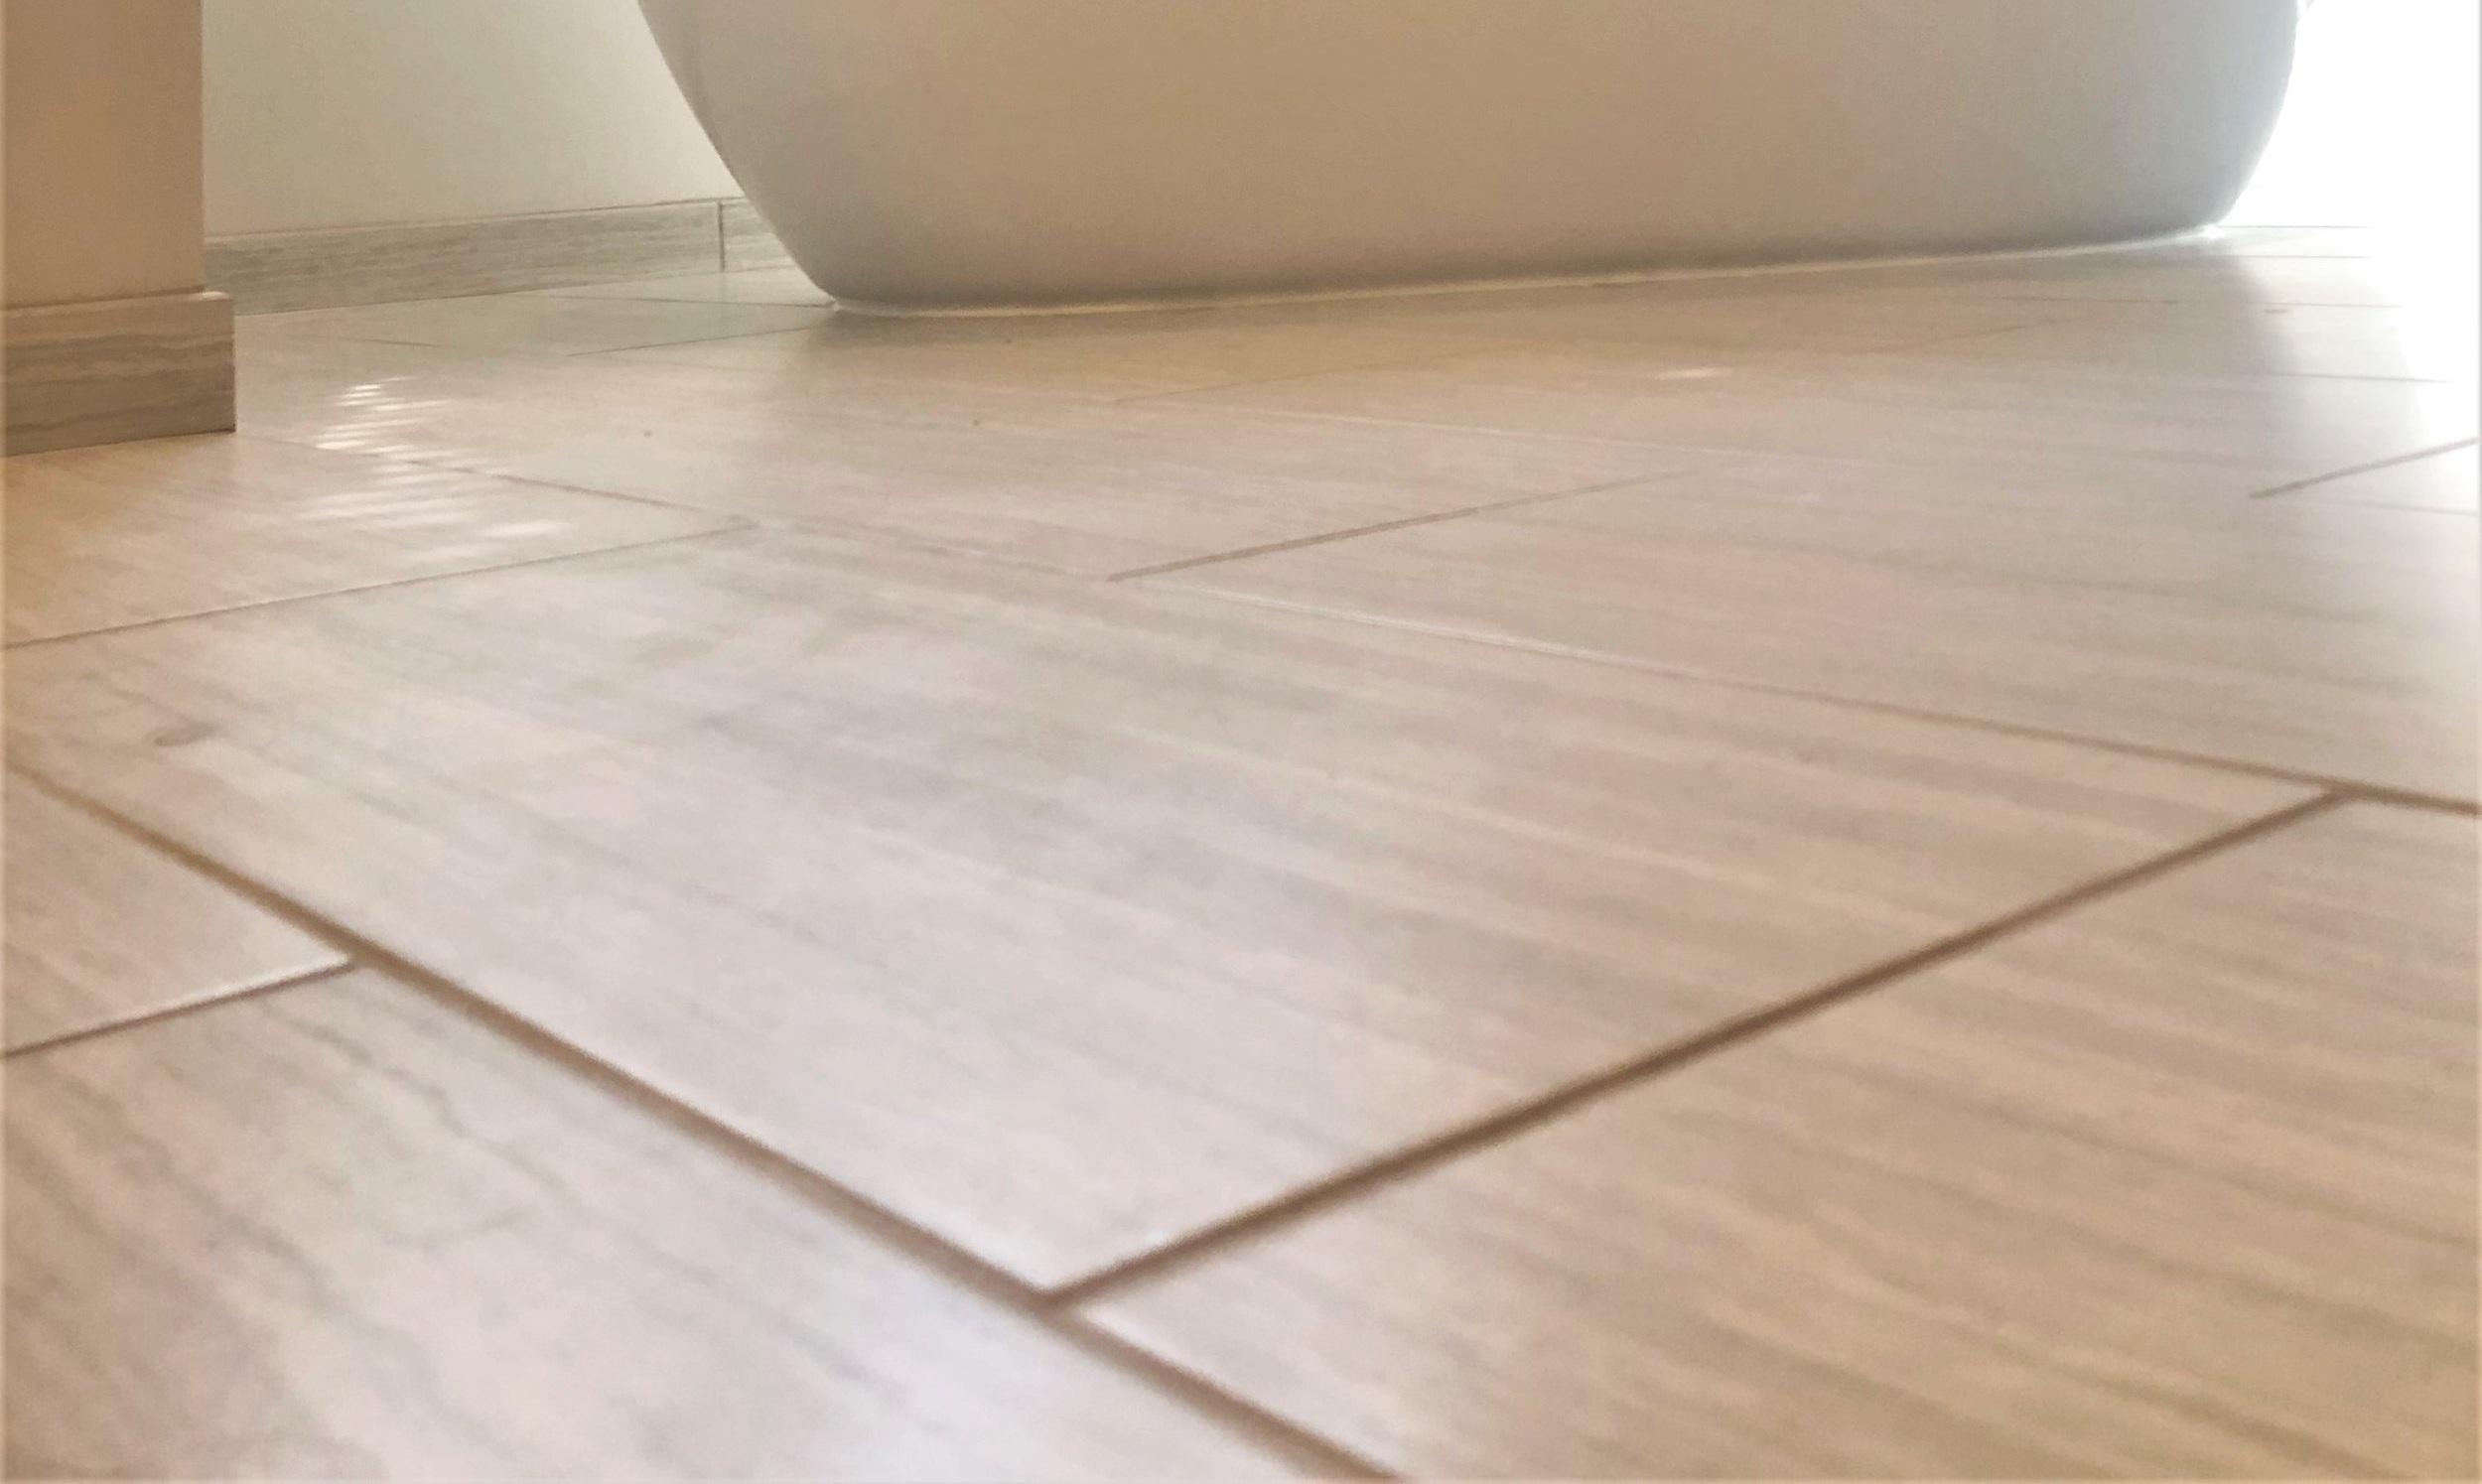 Bathtub+and+floor+update.jpg